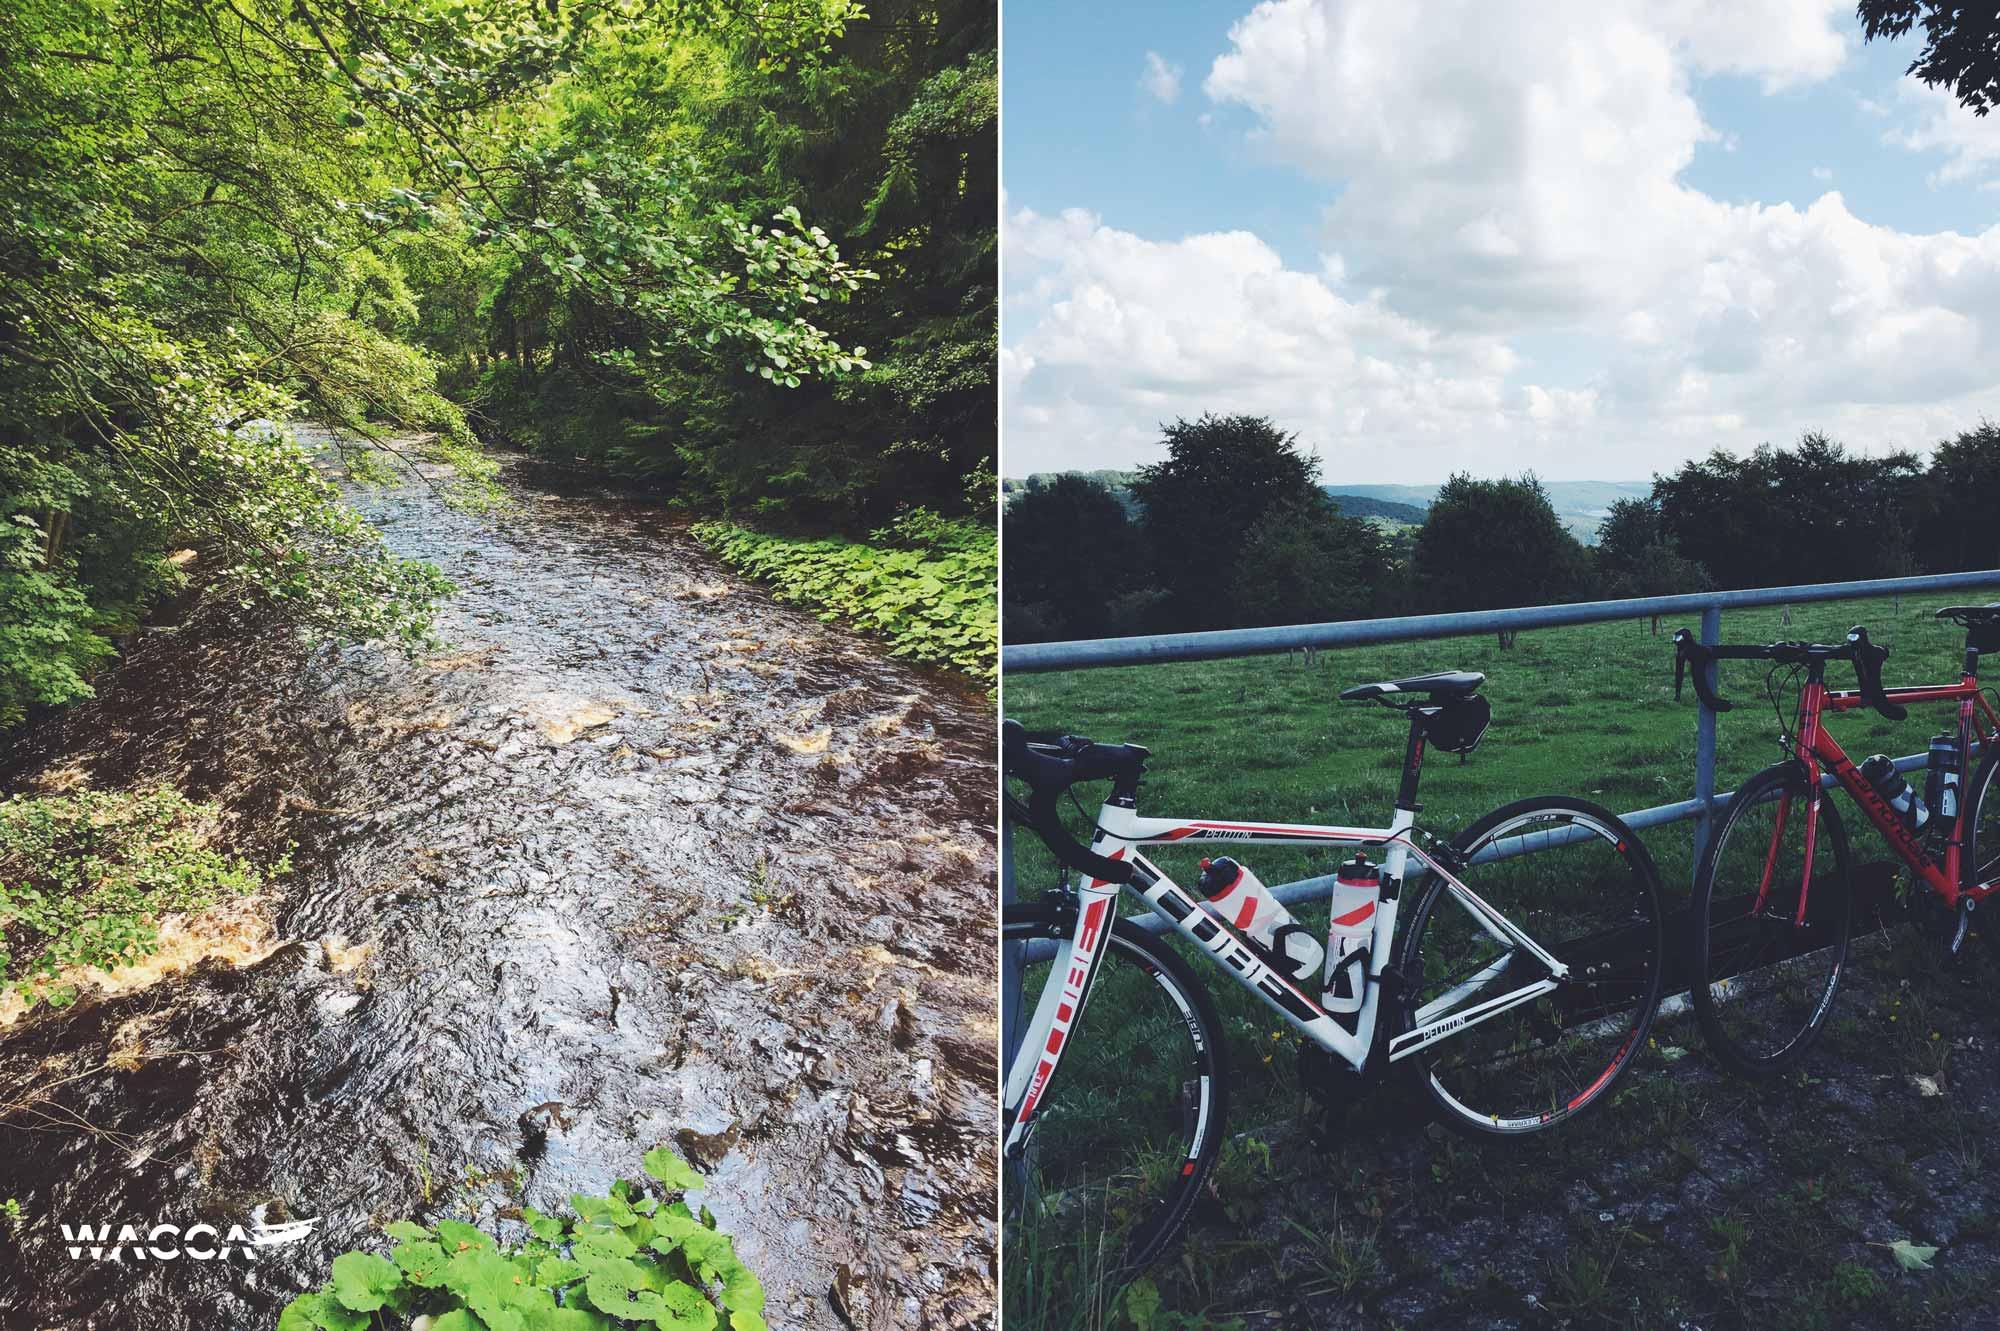 wacca-duitsland-eifel-fietsen-06